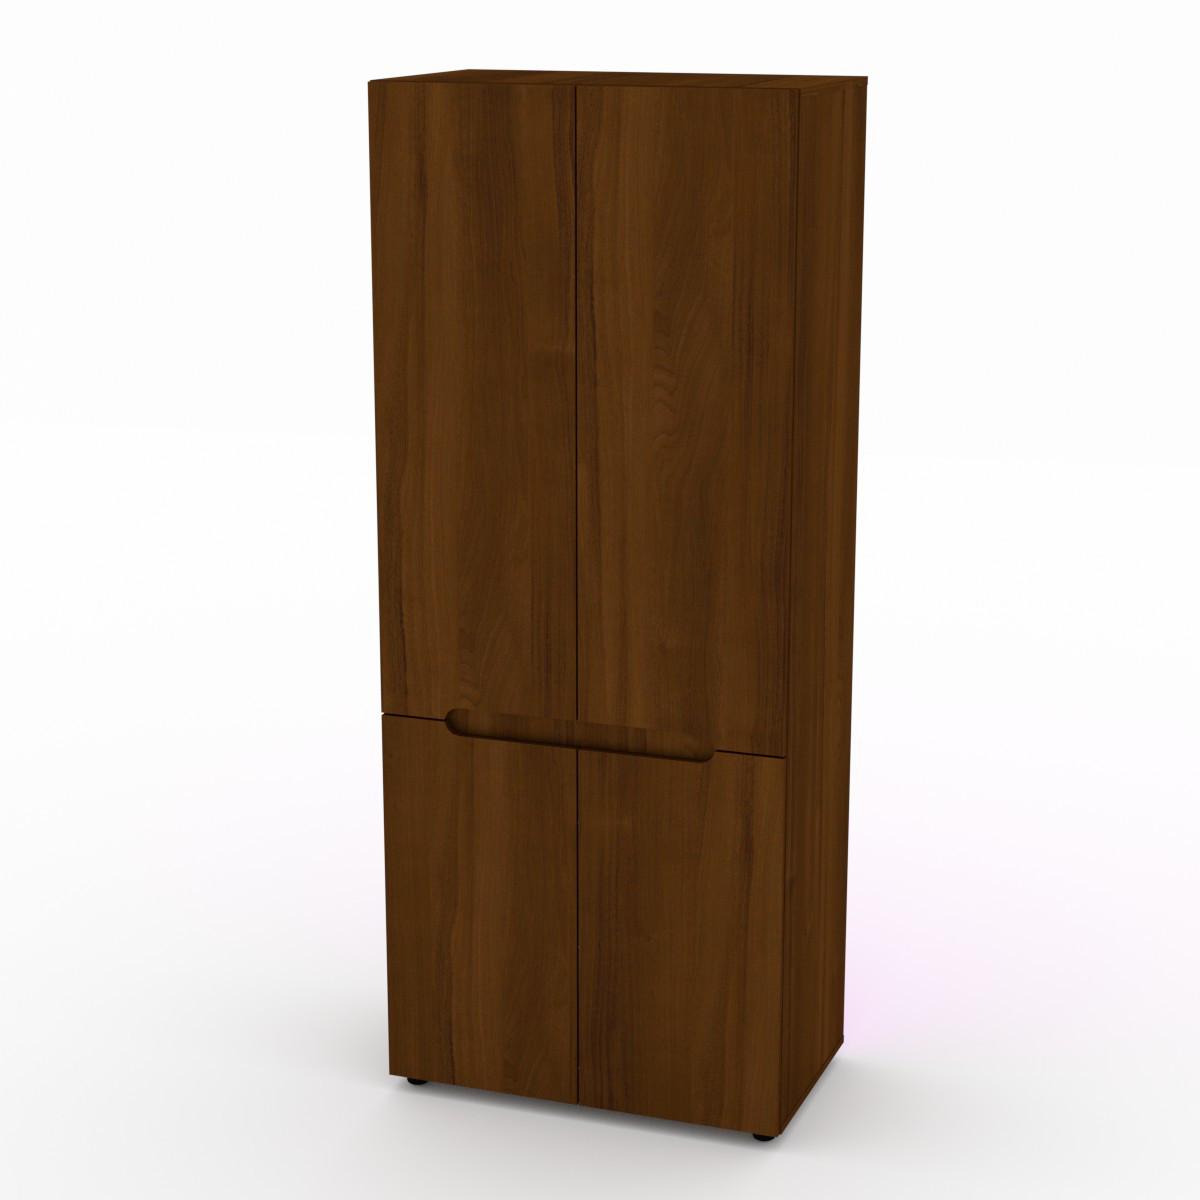 Шкаф для вещей МС-23 орех экко Компанит